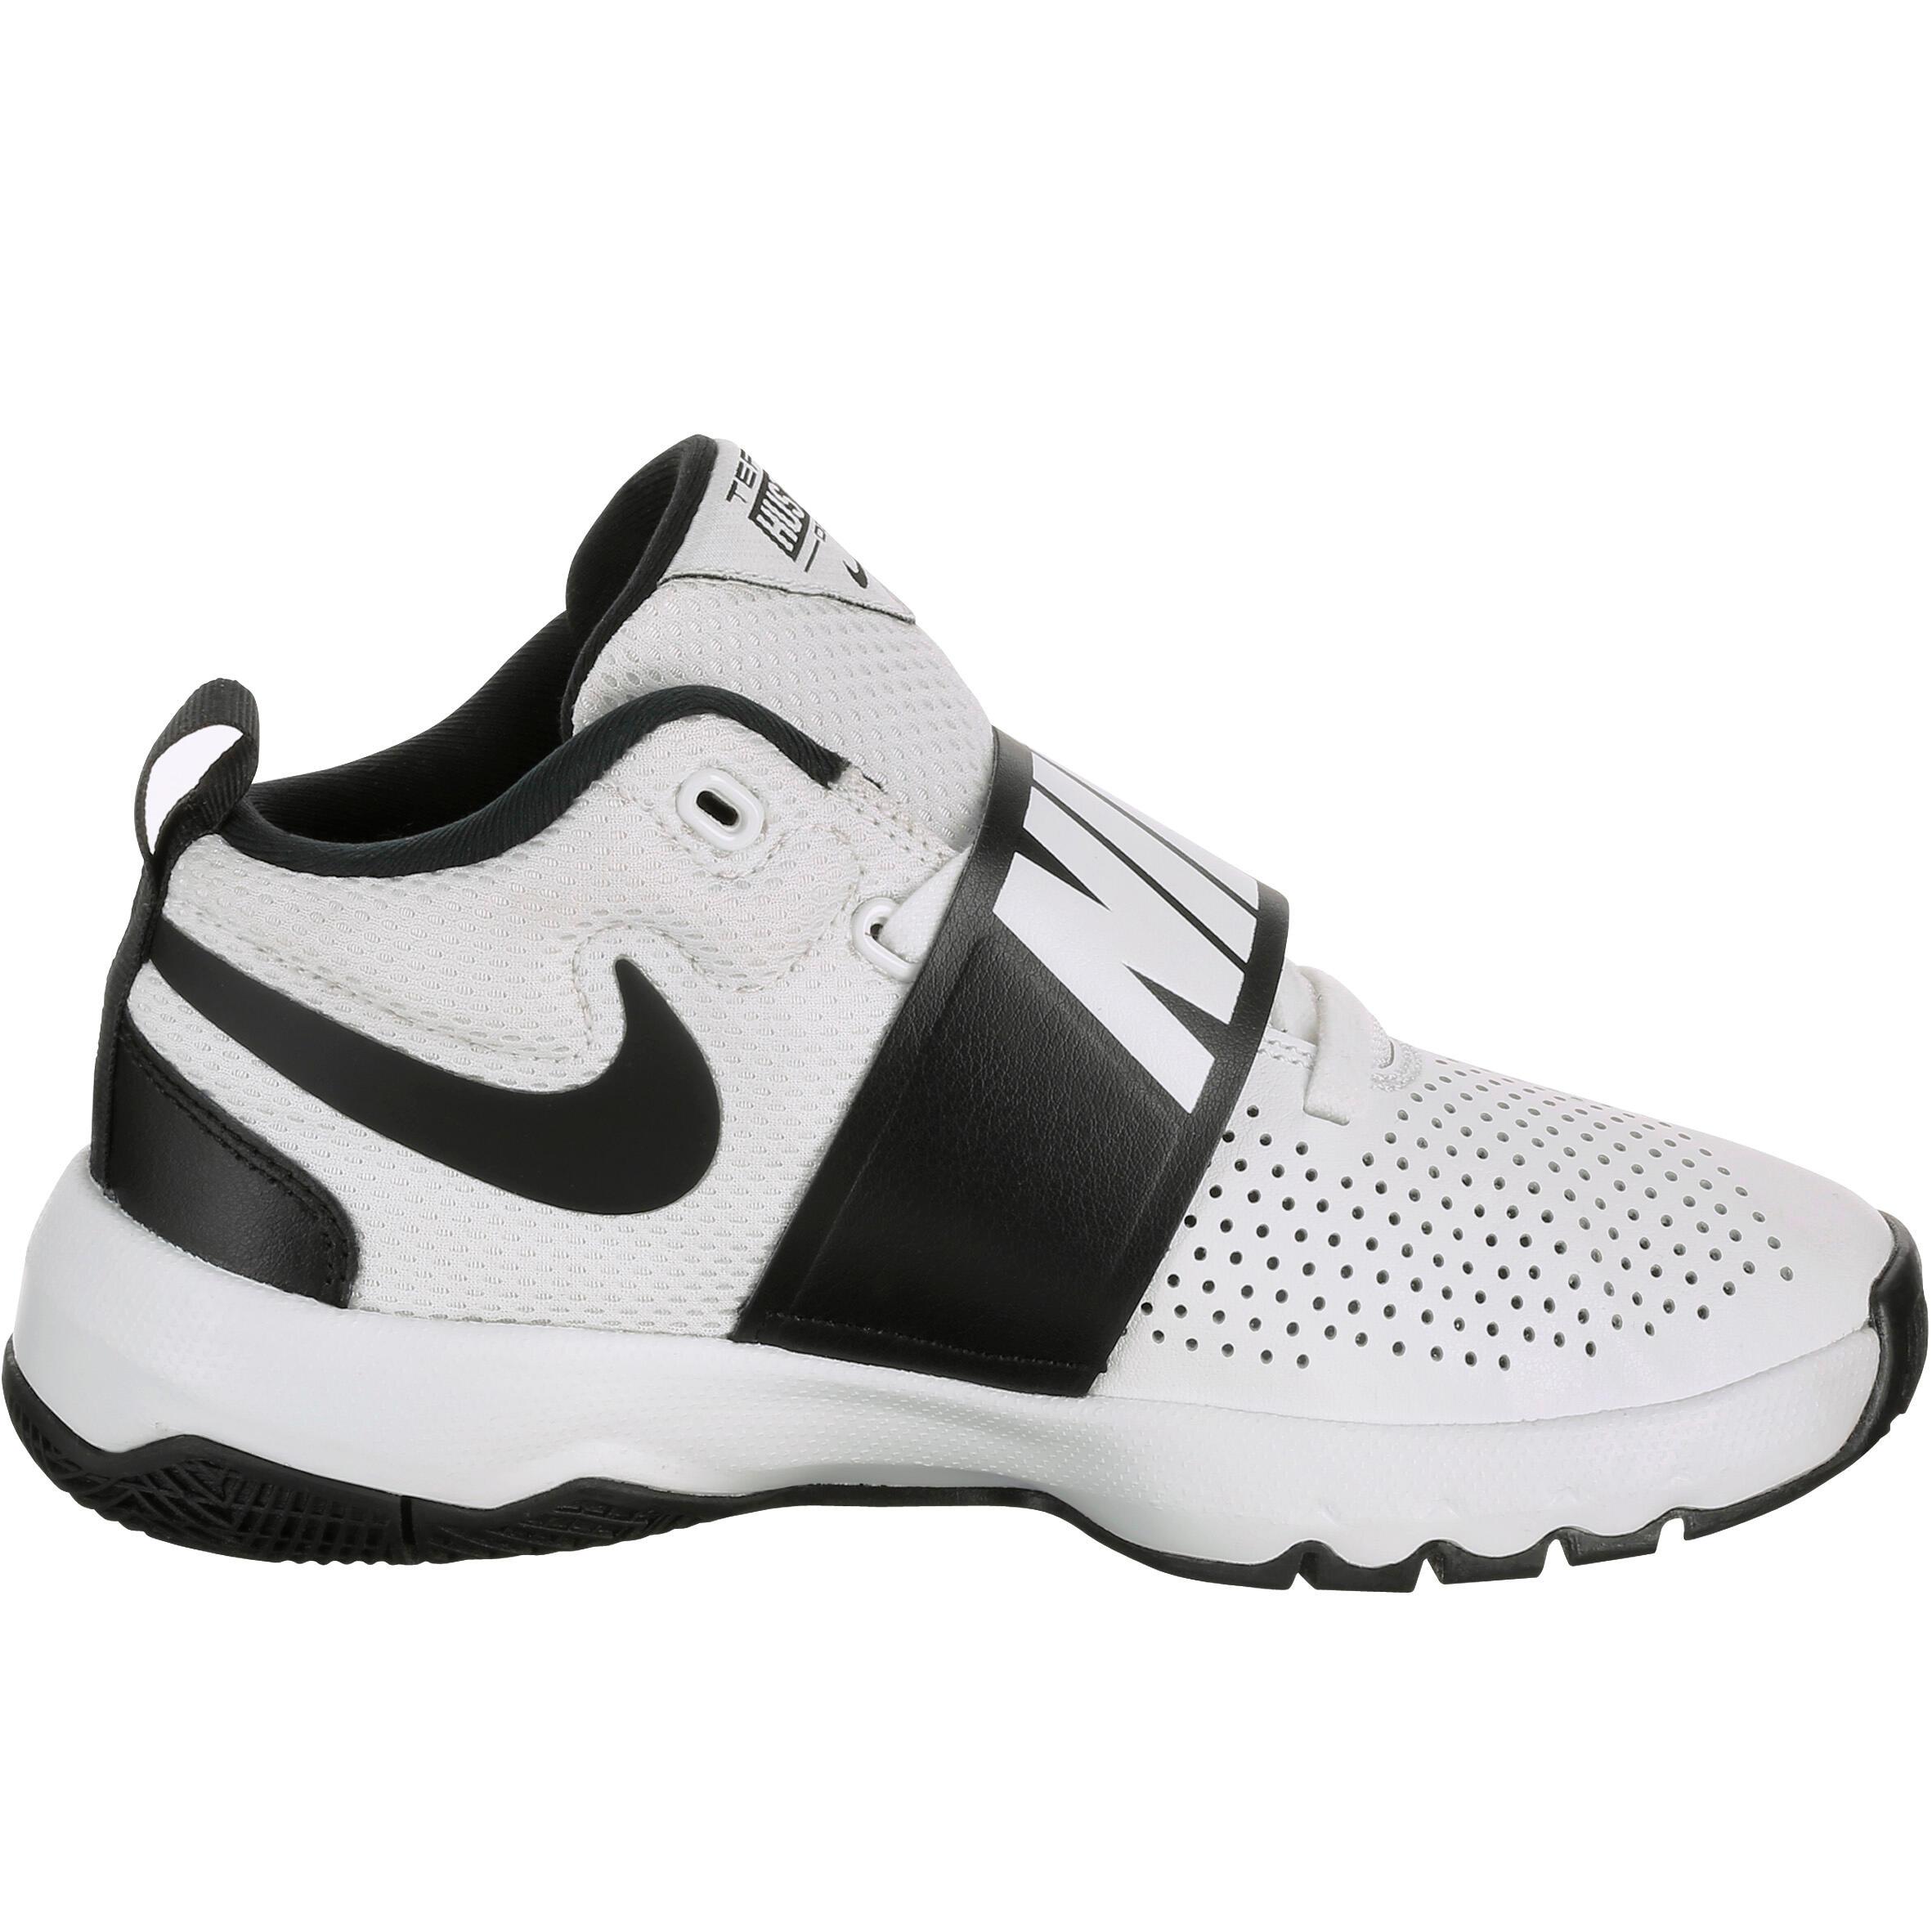 Chaussure de Basketball pour enfant Nike Team Hustle Junior blanc noir